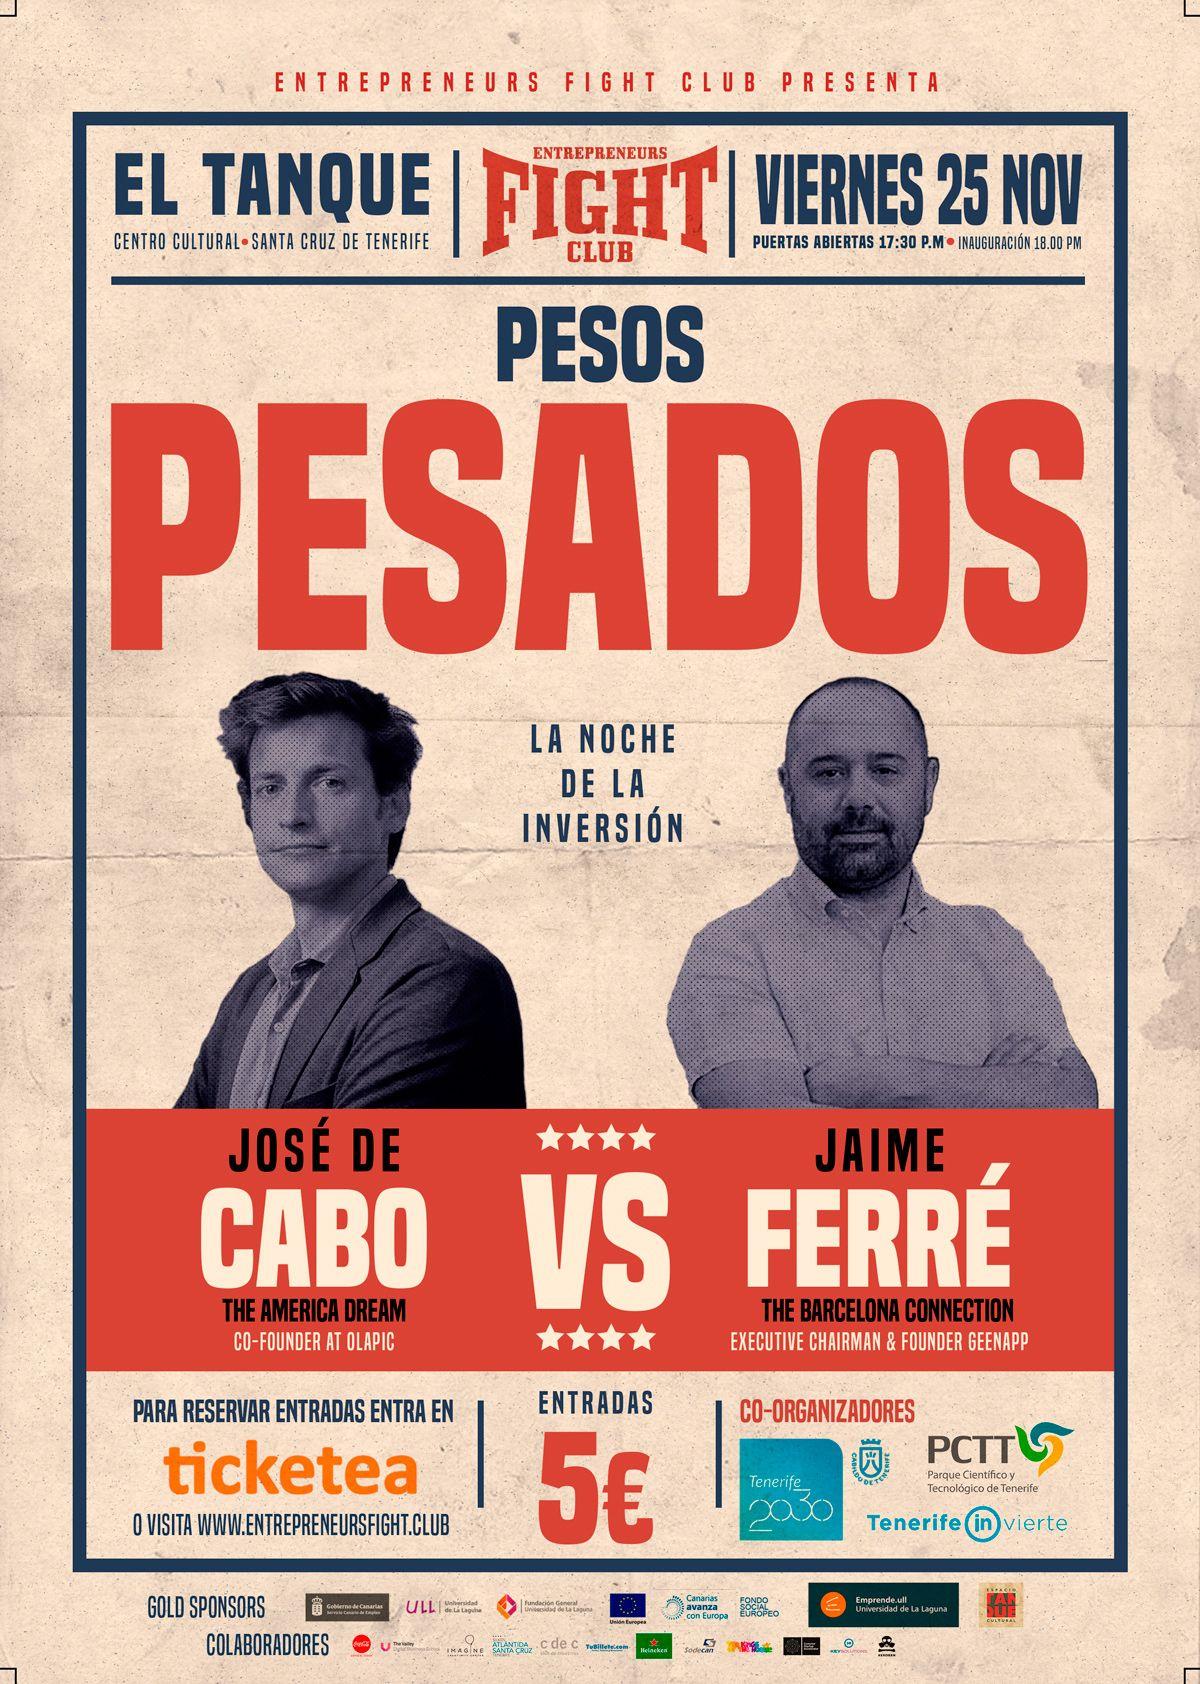 jotaypunto / Entrepreneurs Fight Club